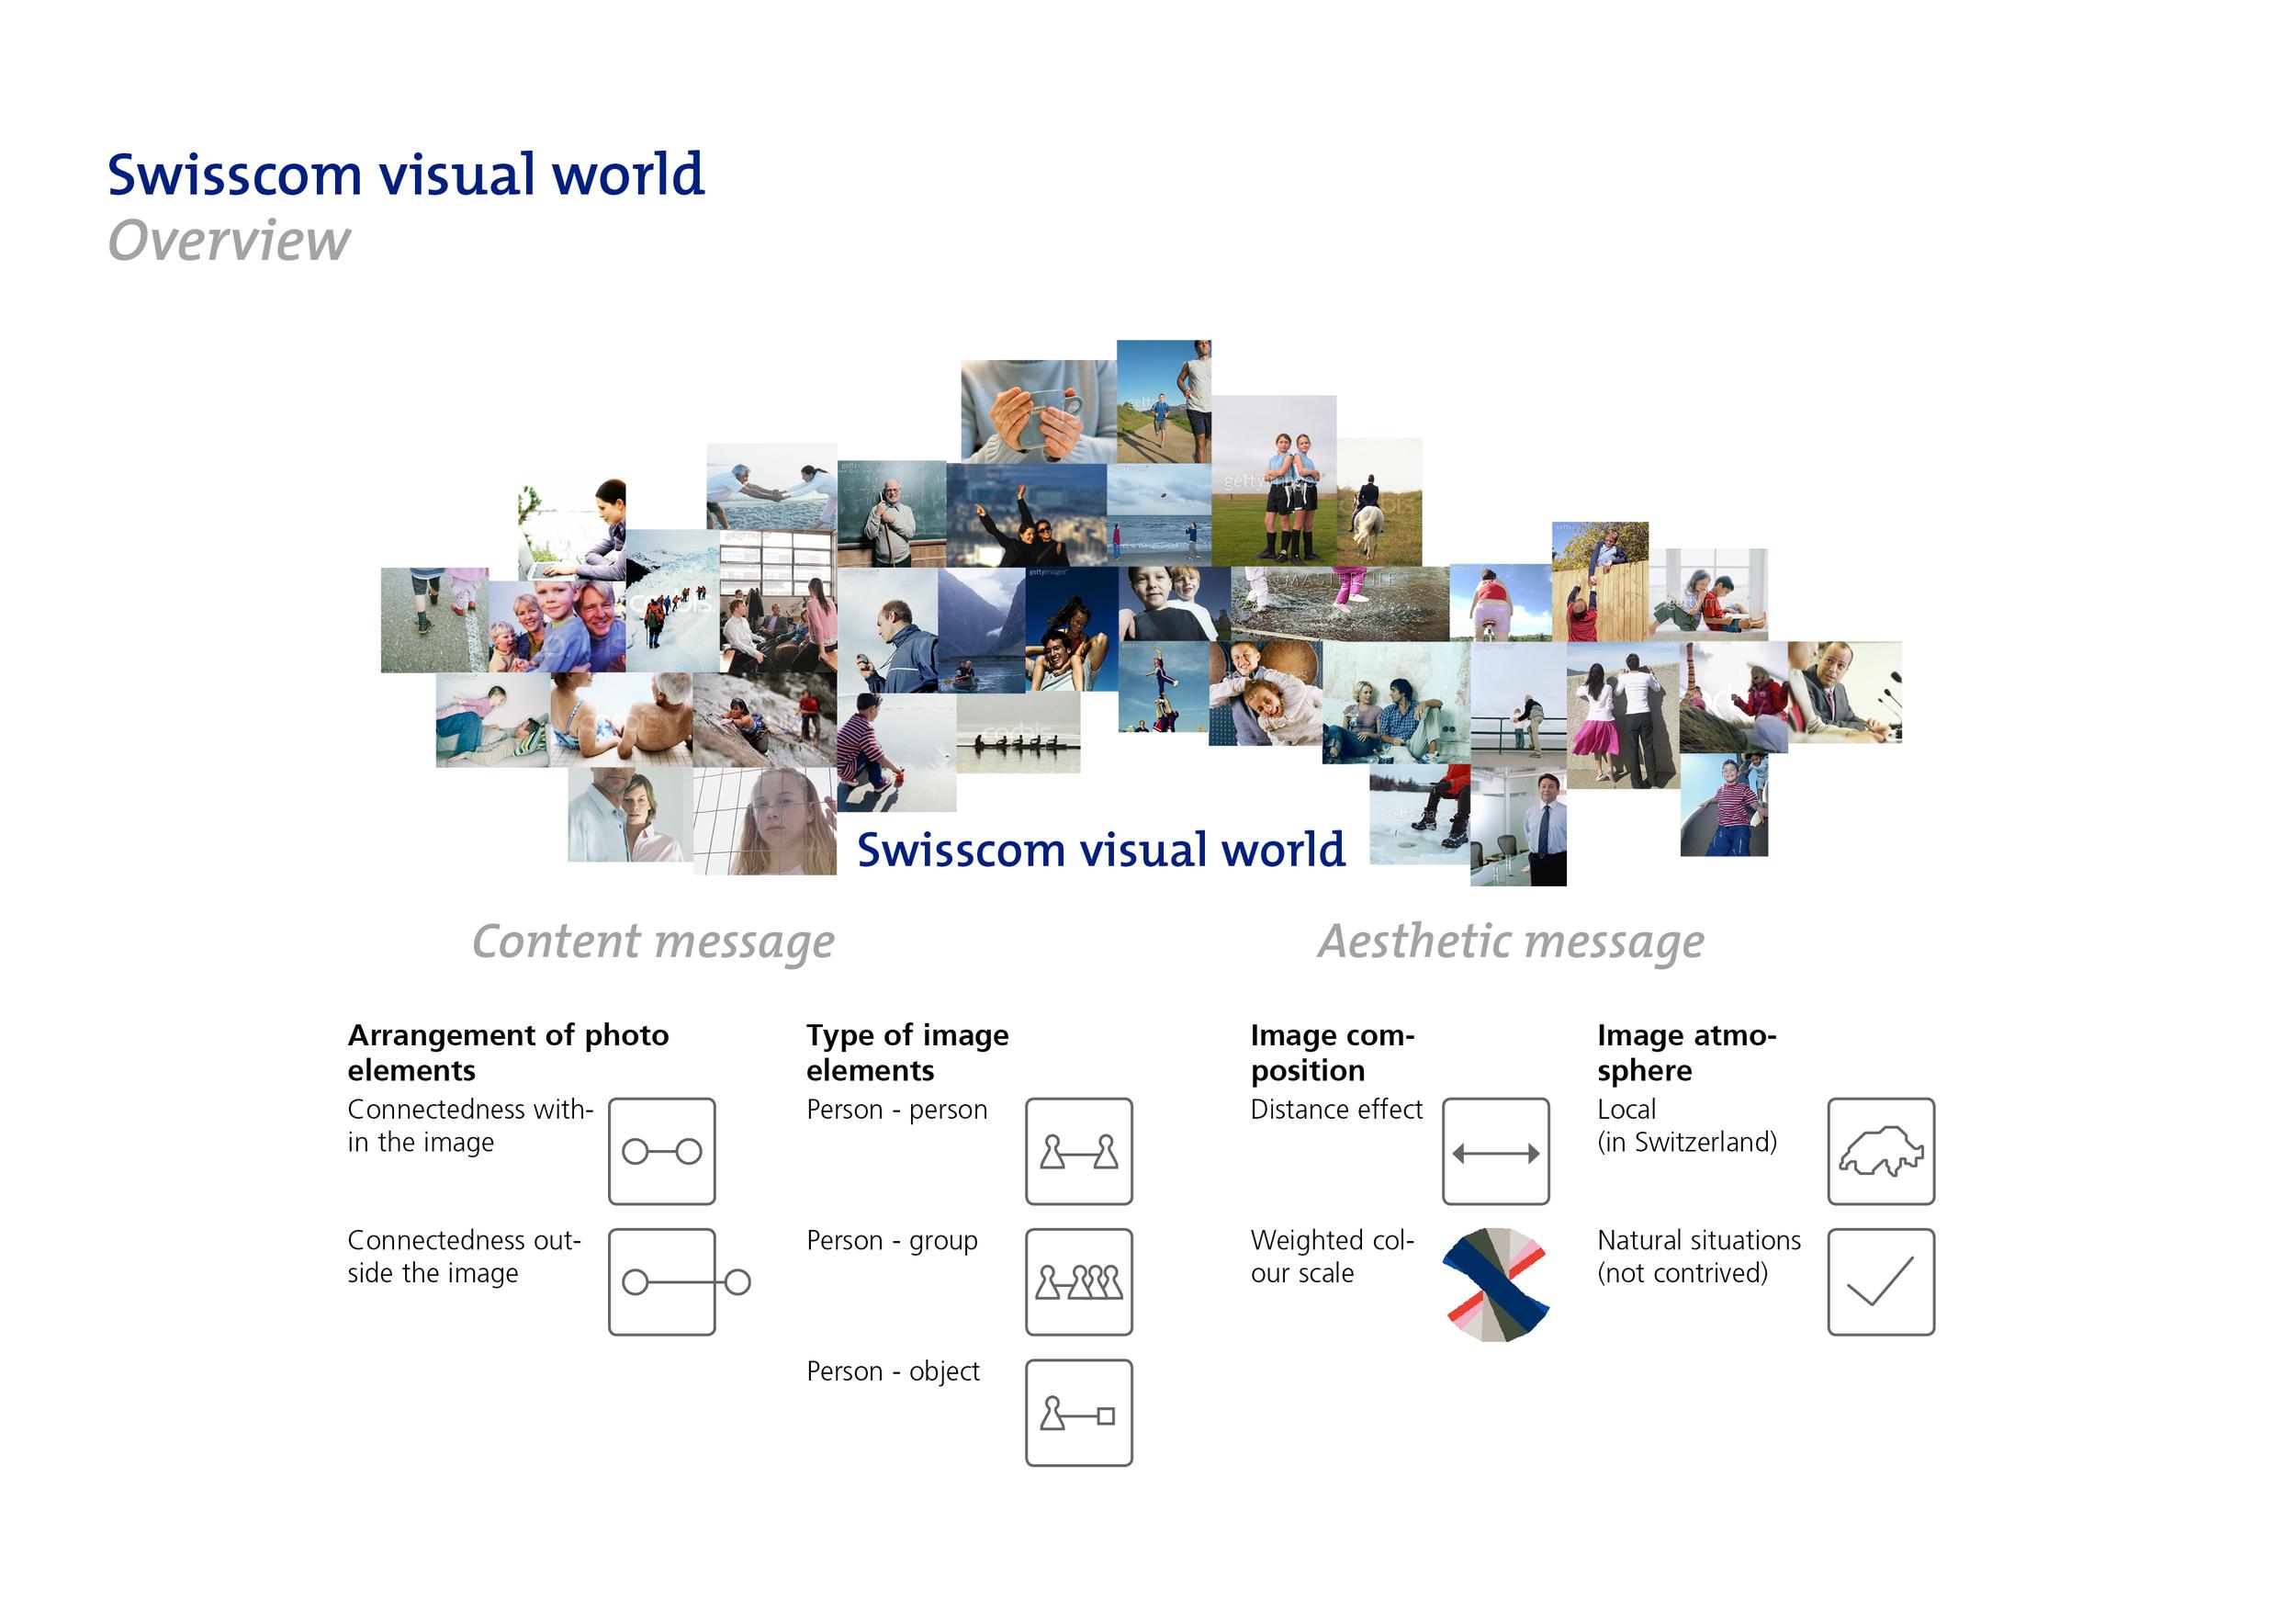 sc600_poss_en-Overview chart.png